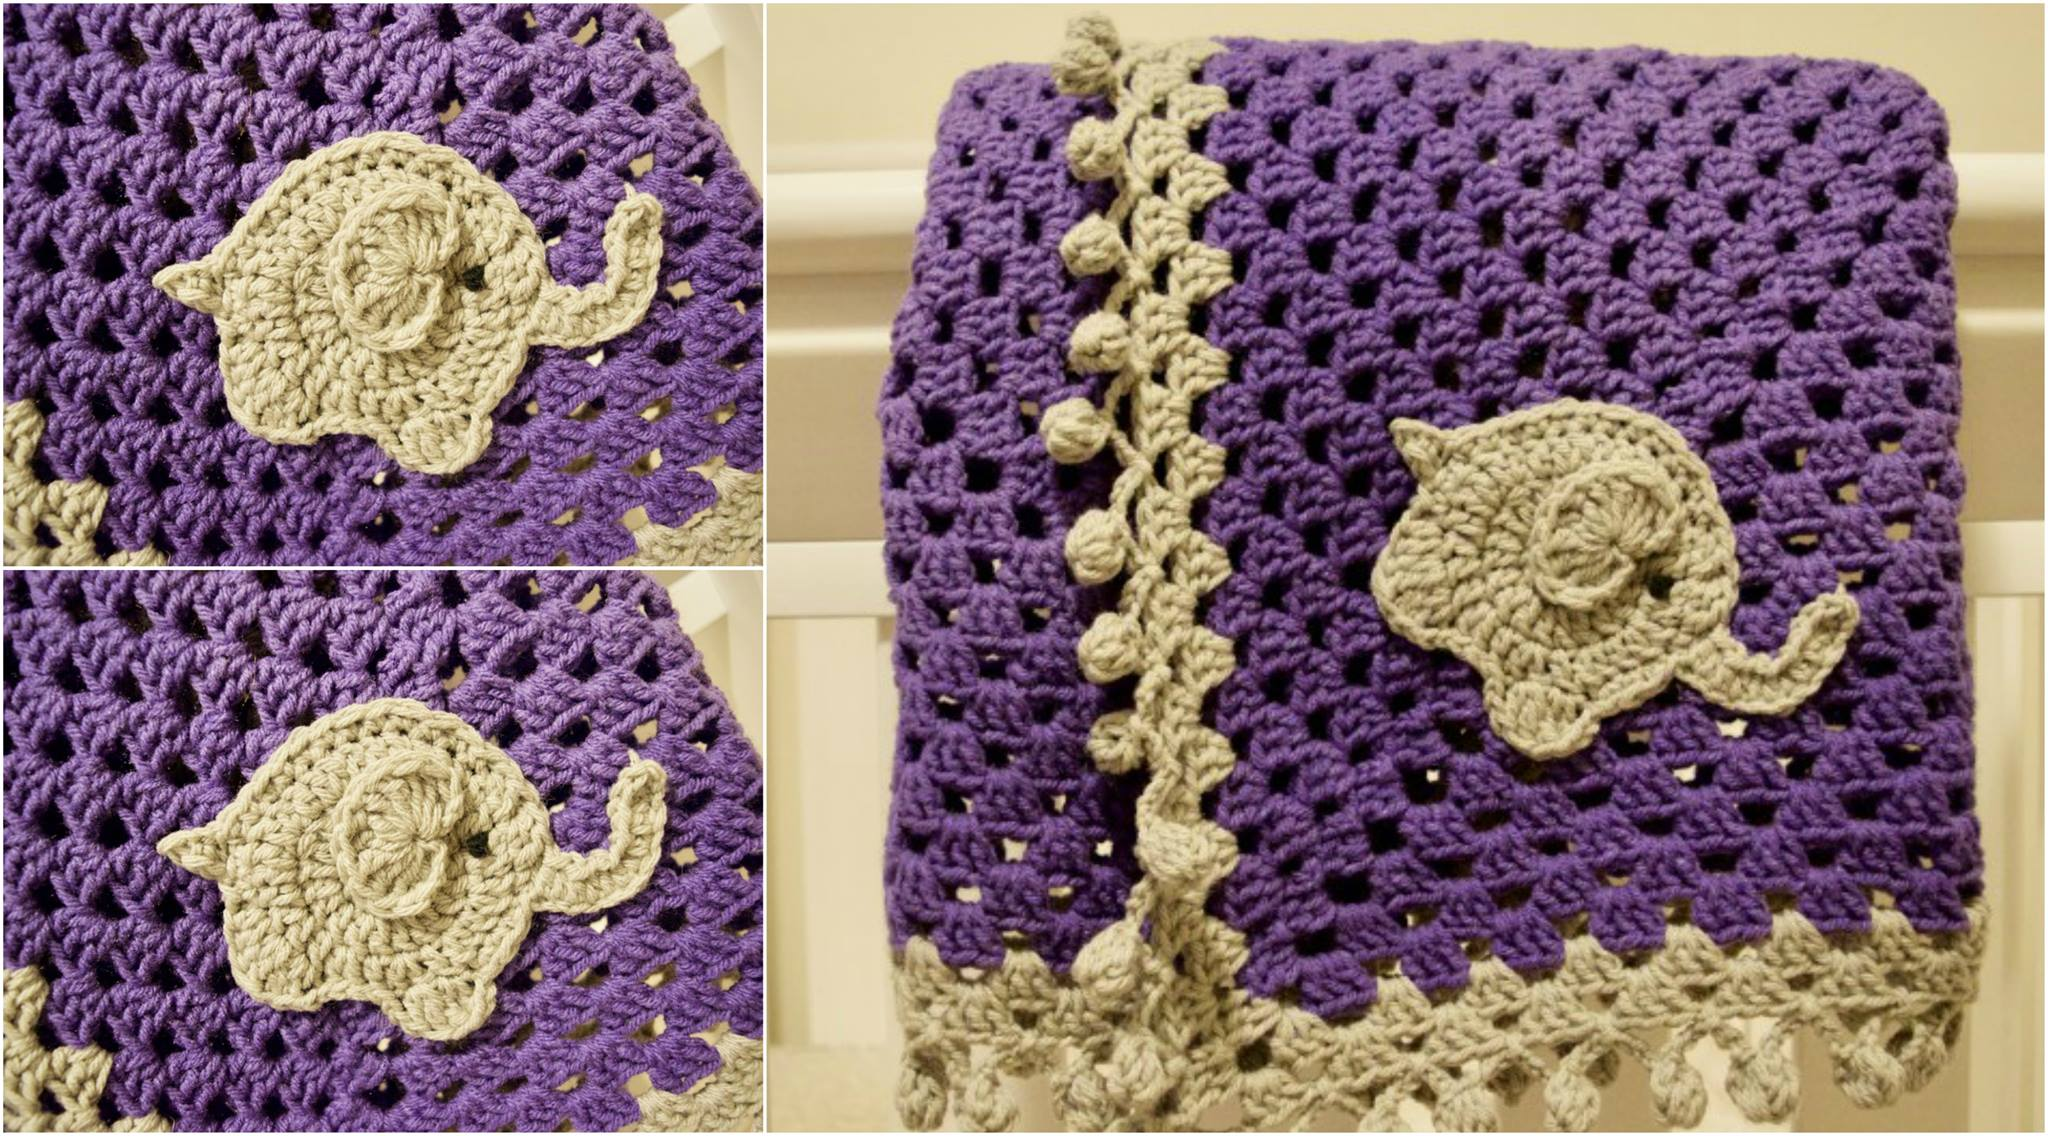 Free Crochet Pattern: Elephant Appliqué | Crochet elephant pattern ... | 1136x2048